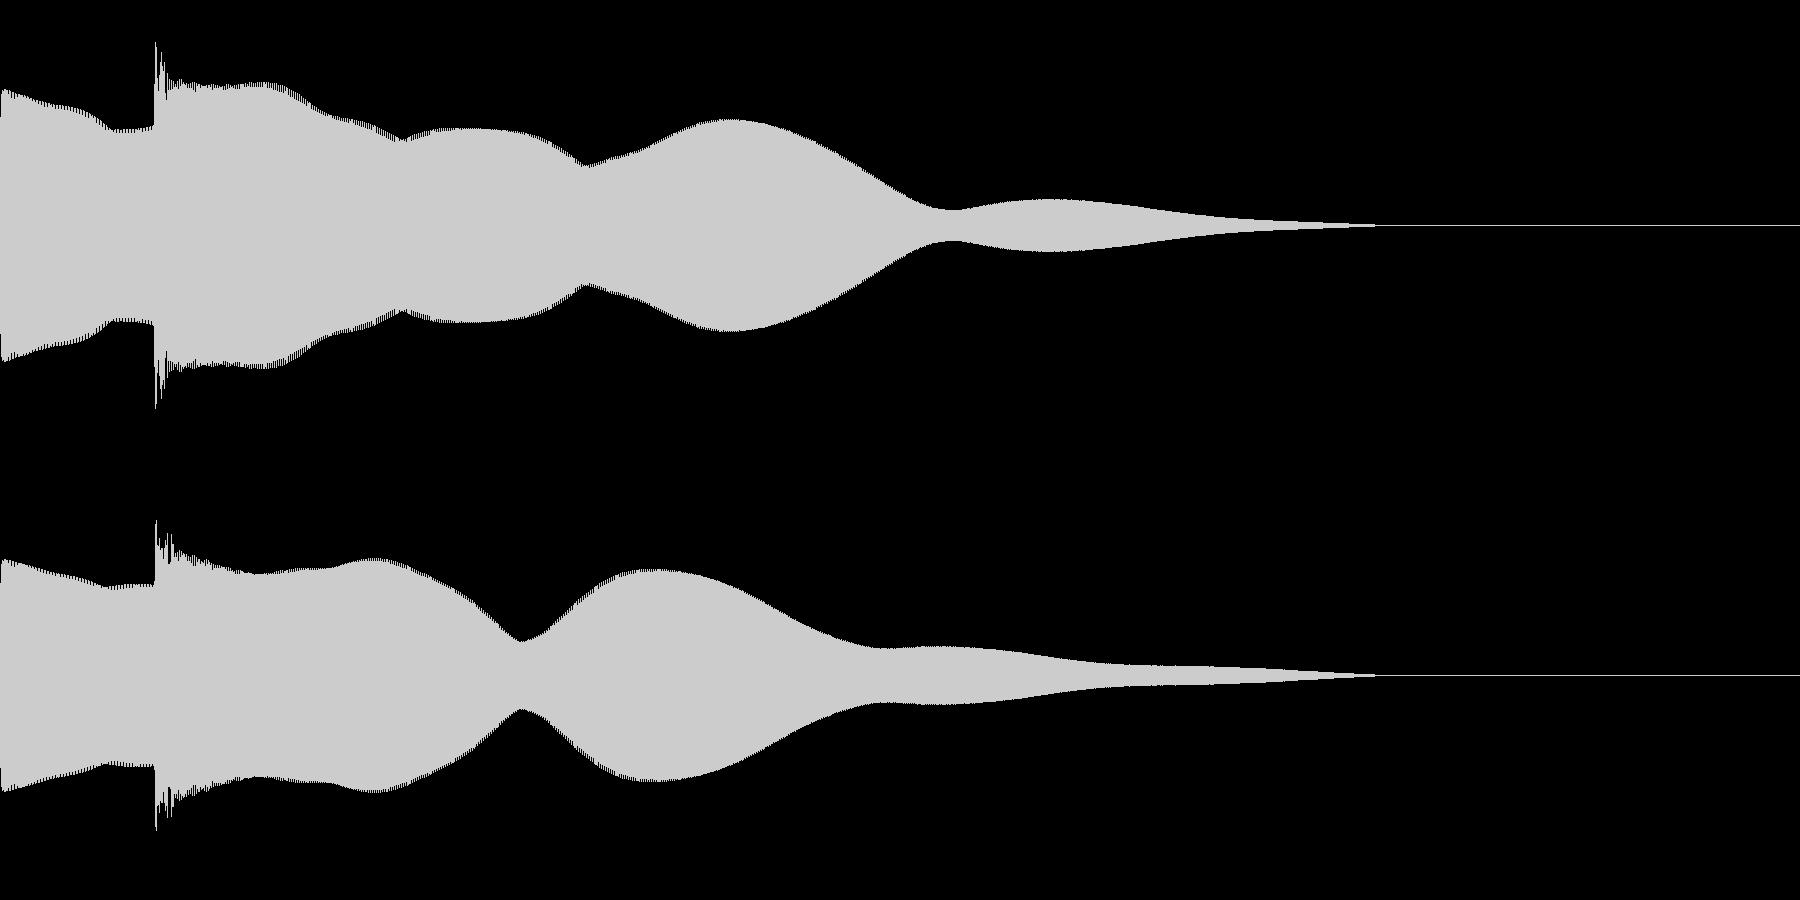 ピポーン(シンプルなクイズの回答音)の未再生の波形